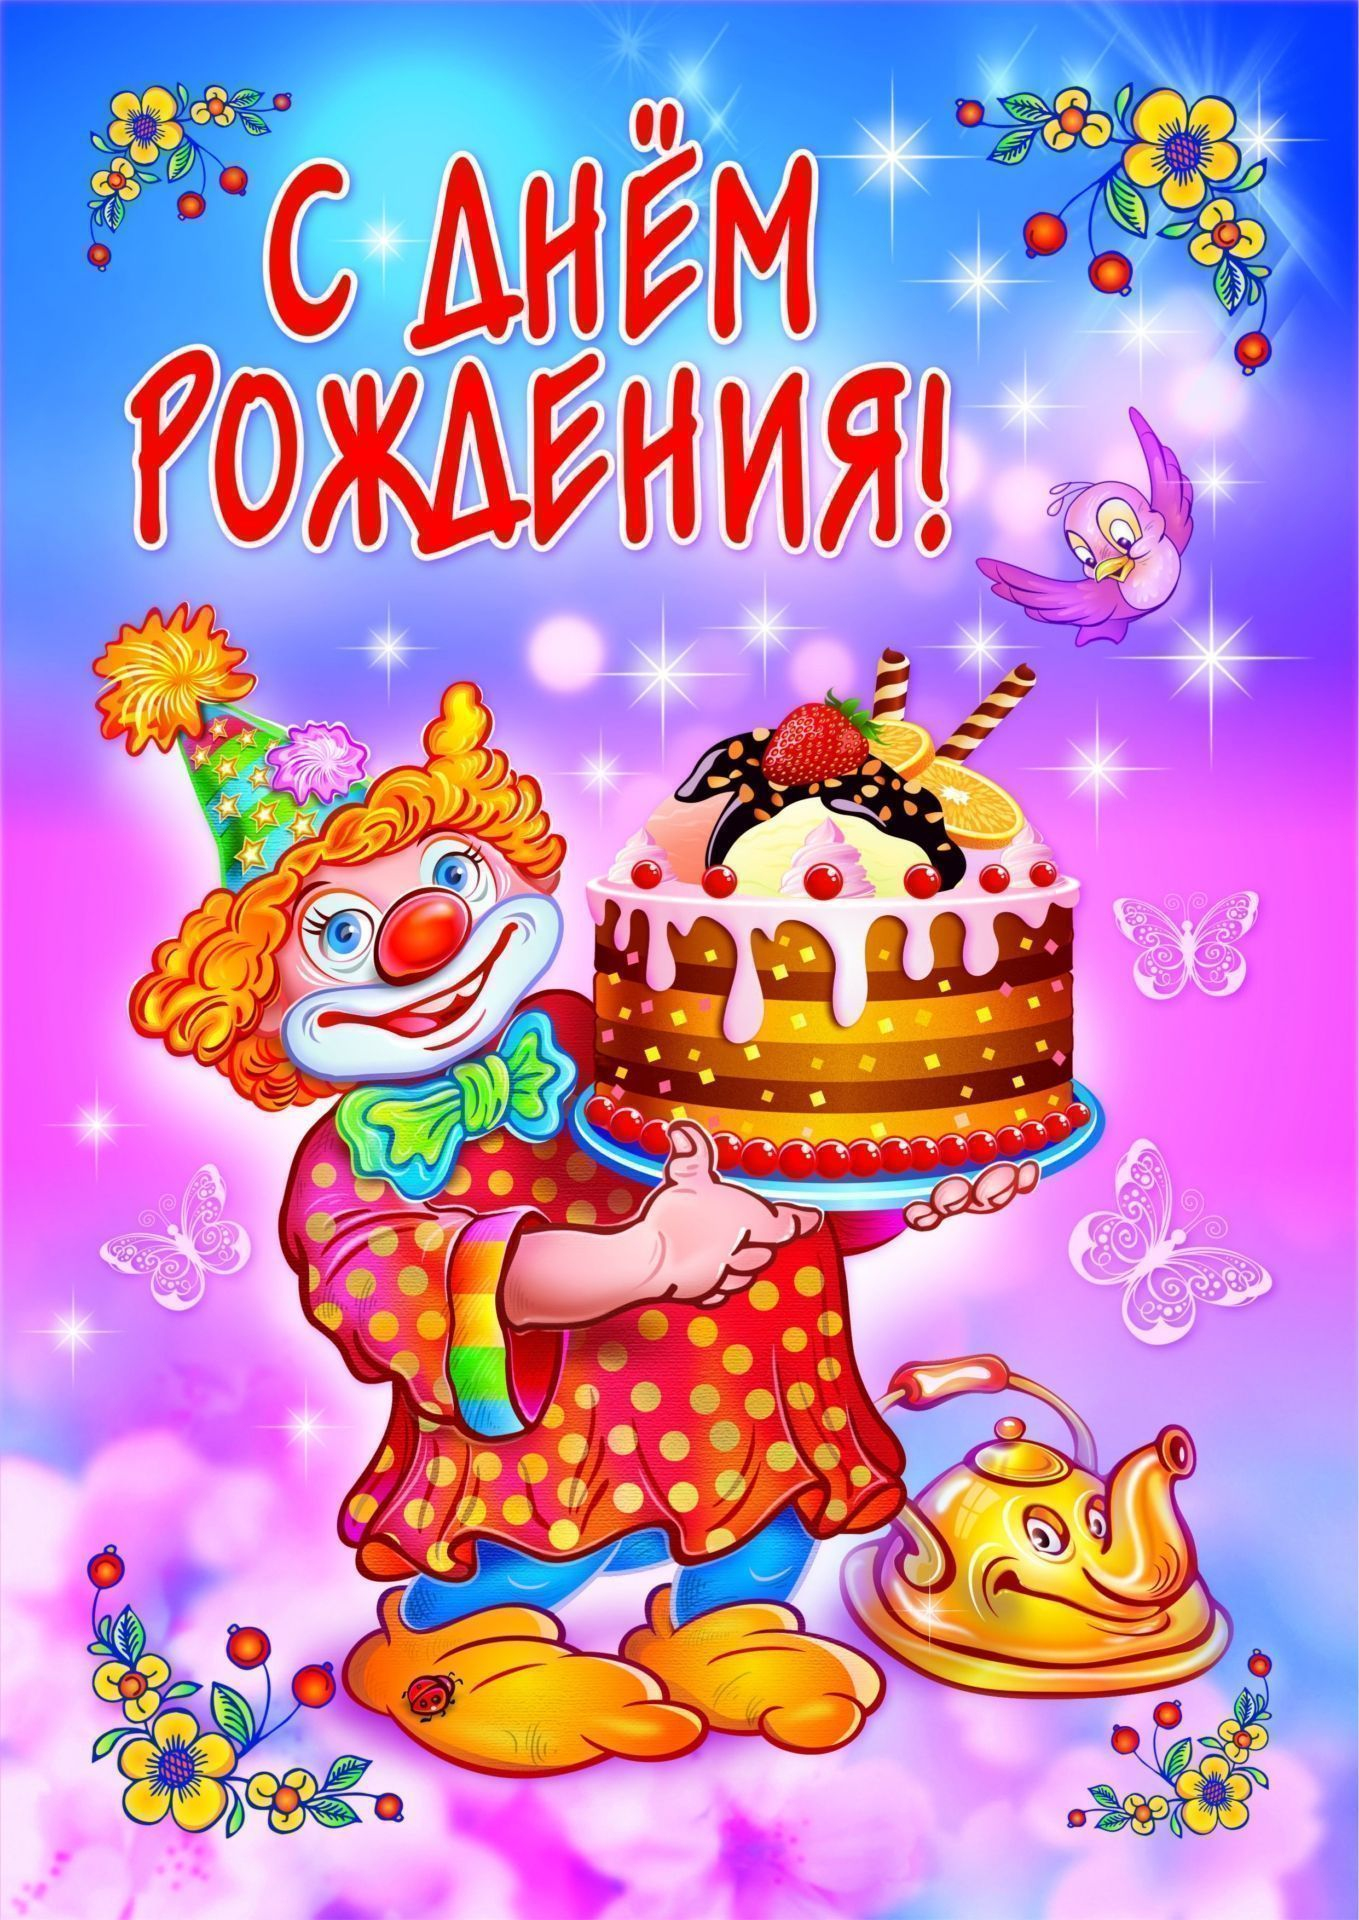 Здравствуйте поздравление с днем рождения